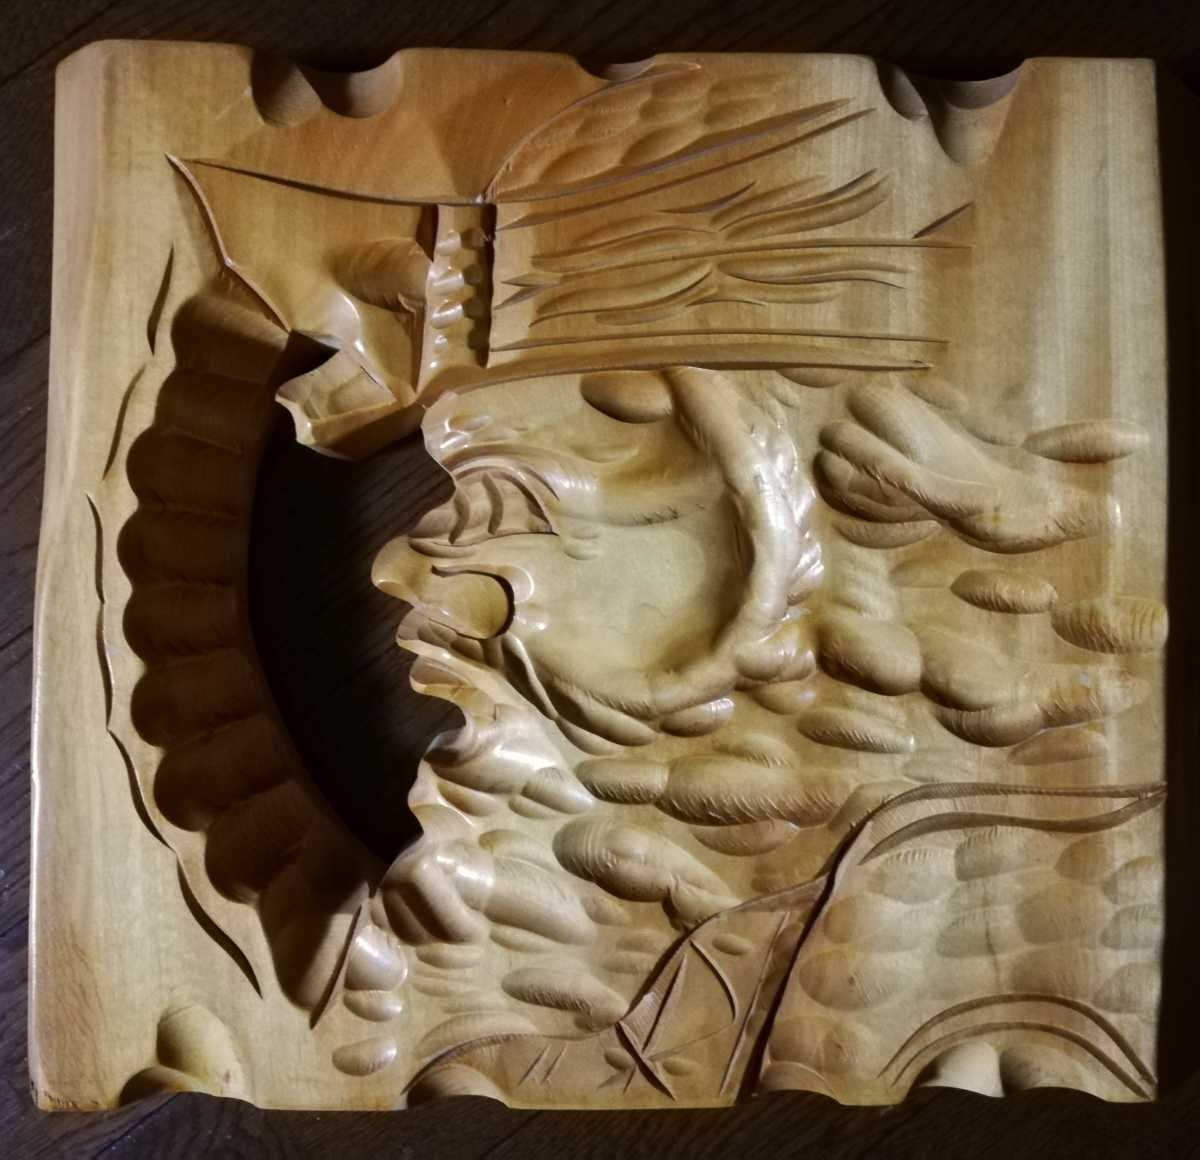 アイヌ 木彫り 壁掛け 木工 彫刻 レリーフ 工芸品 北海道民芸品_画像1